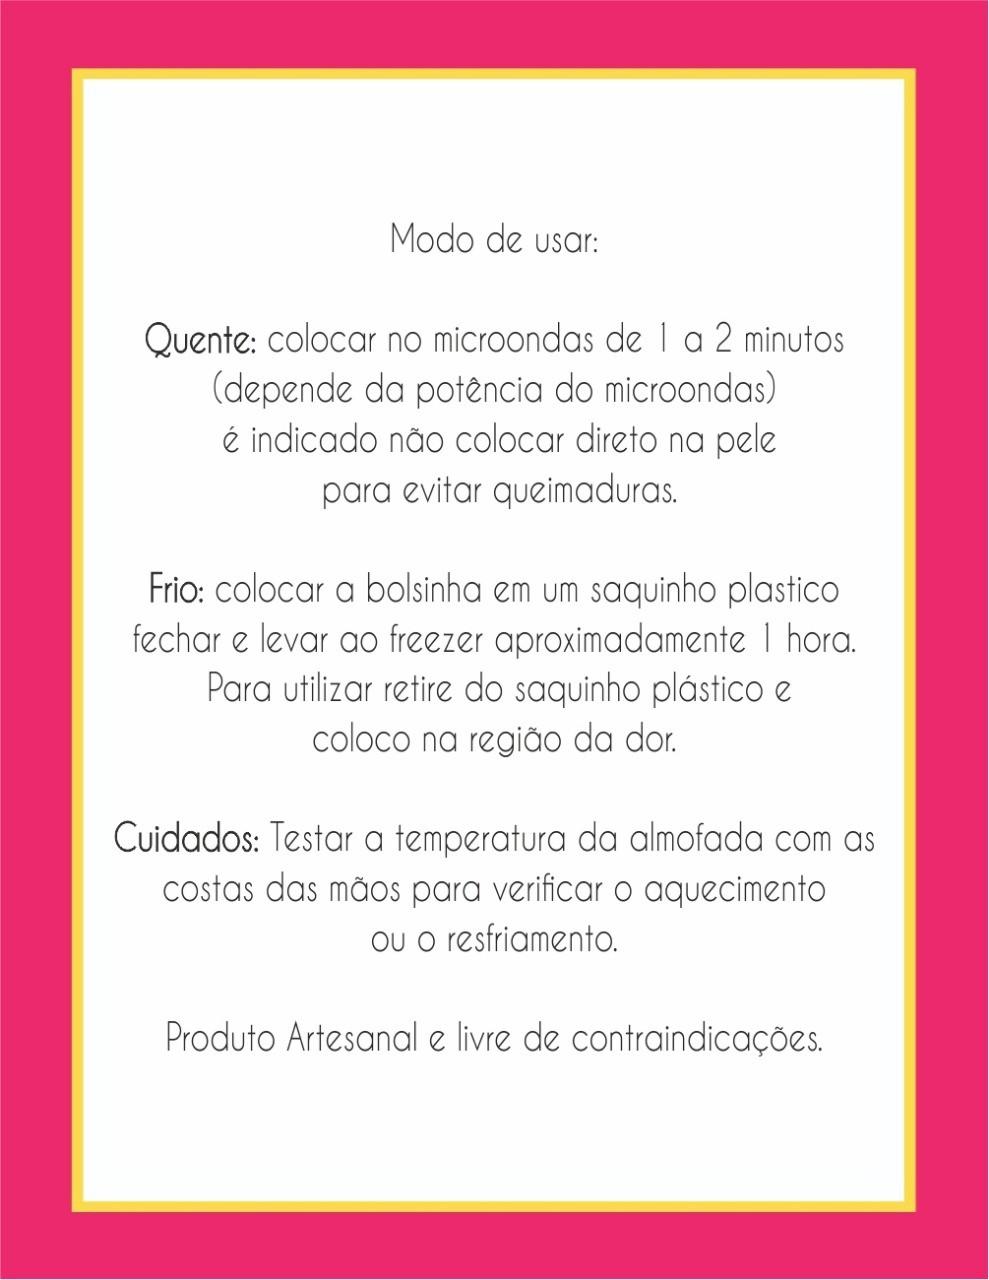 Bolsinha de ervas - Ramos